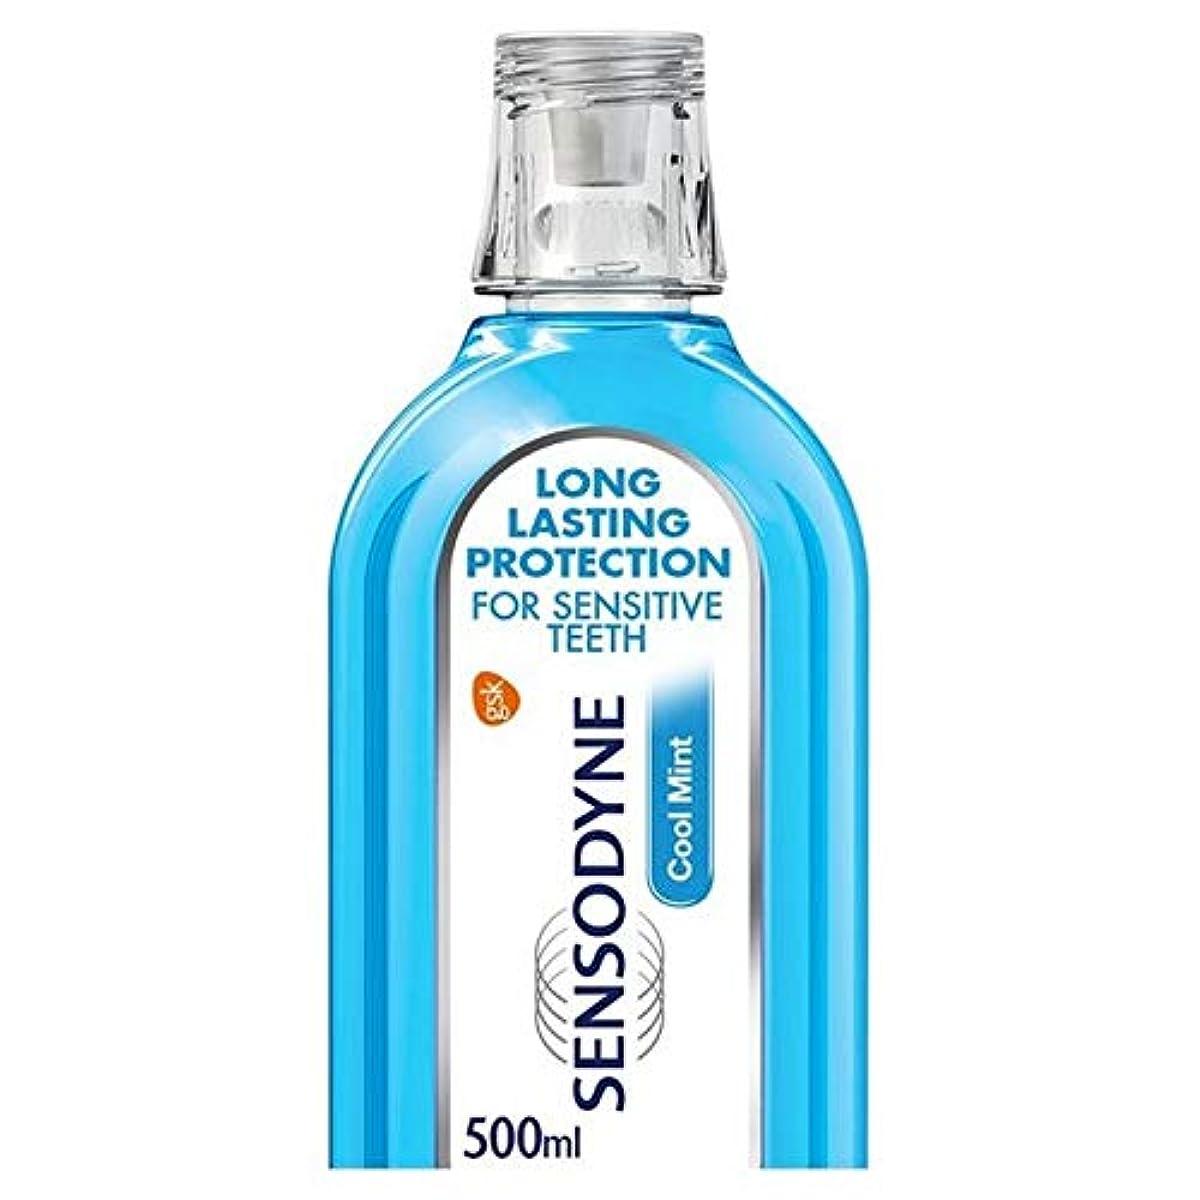 イースター夜の動物園行き当たりばったり[Sensodyne] Sensodyneクールミント敏感ケアマウスウォッシュ500ミリリットル - Sensodyne Cool Mint Sensitive Care Mouthwash 500ml [並行輸入品]